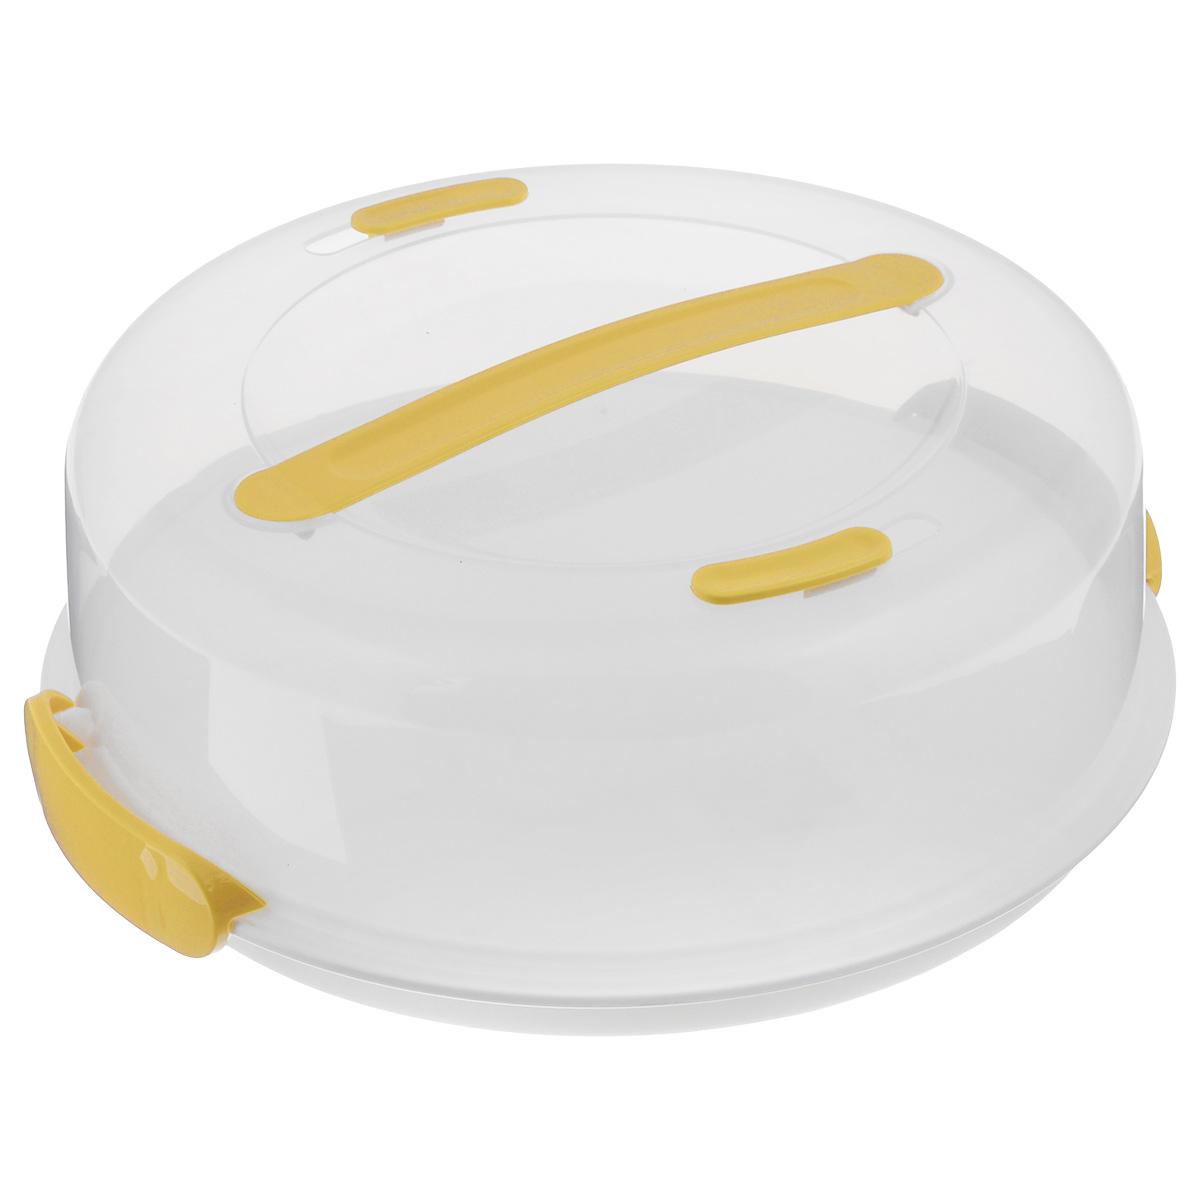 Тортовница с охлаждающим эффектом Tescoma Delicia, с крышкой, диаметр 34 см630841Охлаждающий поднос Tescoma Delicia изготовлен из высококачественногопрочного пластика и оснащен прозрачной крышкой. Отлично подходит для переноса иподачи тортов, десертов, канапе, бутербродов, фруктов. Благодаря специальномувкладышу блюда дольше остаются охлажденными и свежими.Крышка фиксируется на подносе за счет двух зажимов, а удобная ручка позволяет переносить поднос с места на место.Можно мыть в посудомоечной машине кроме охлаждающей части.Диаметр подноса: 34 см.Высота подноса: 3 см.Высота стенок крышки: 10 см.